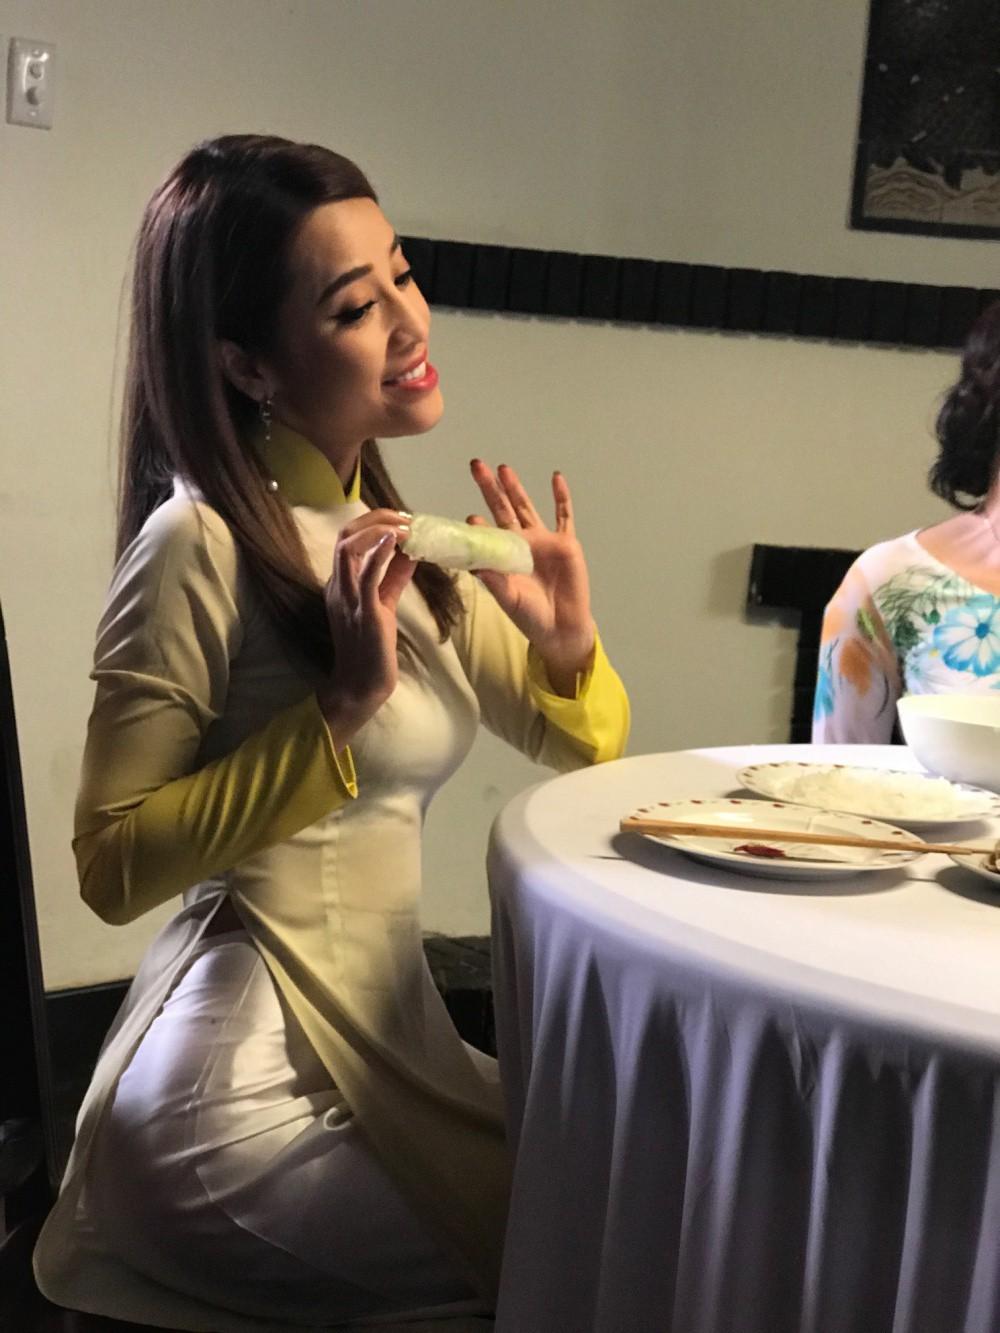 Đại Nghĩa hé lộ tạo hình vui nhộn trong dự án kết hợp cùng quán quân Cười xuyên Việt 2017 - Ảnh 5.